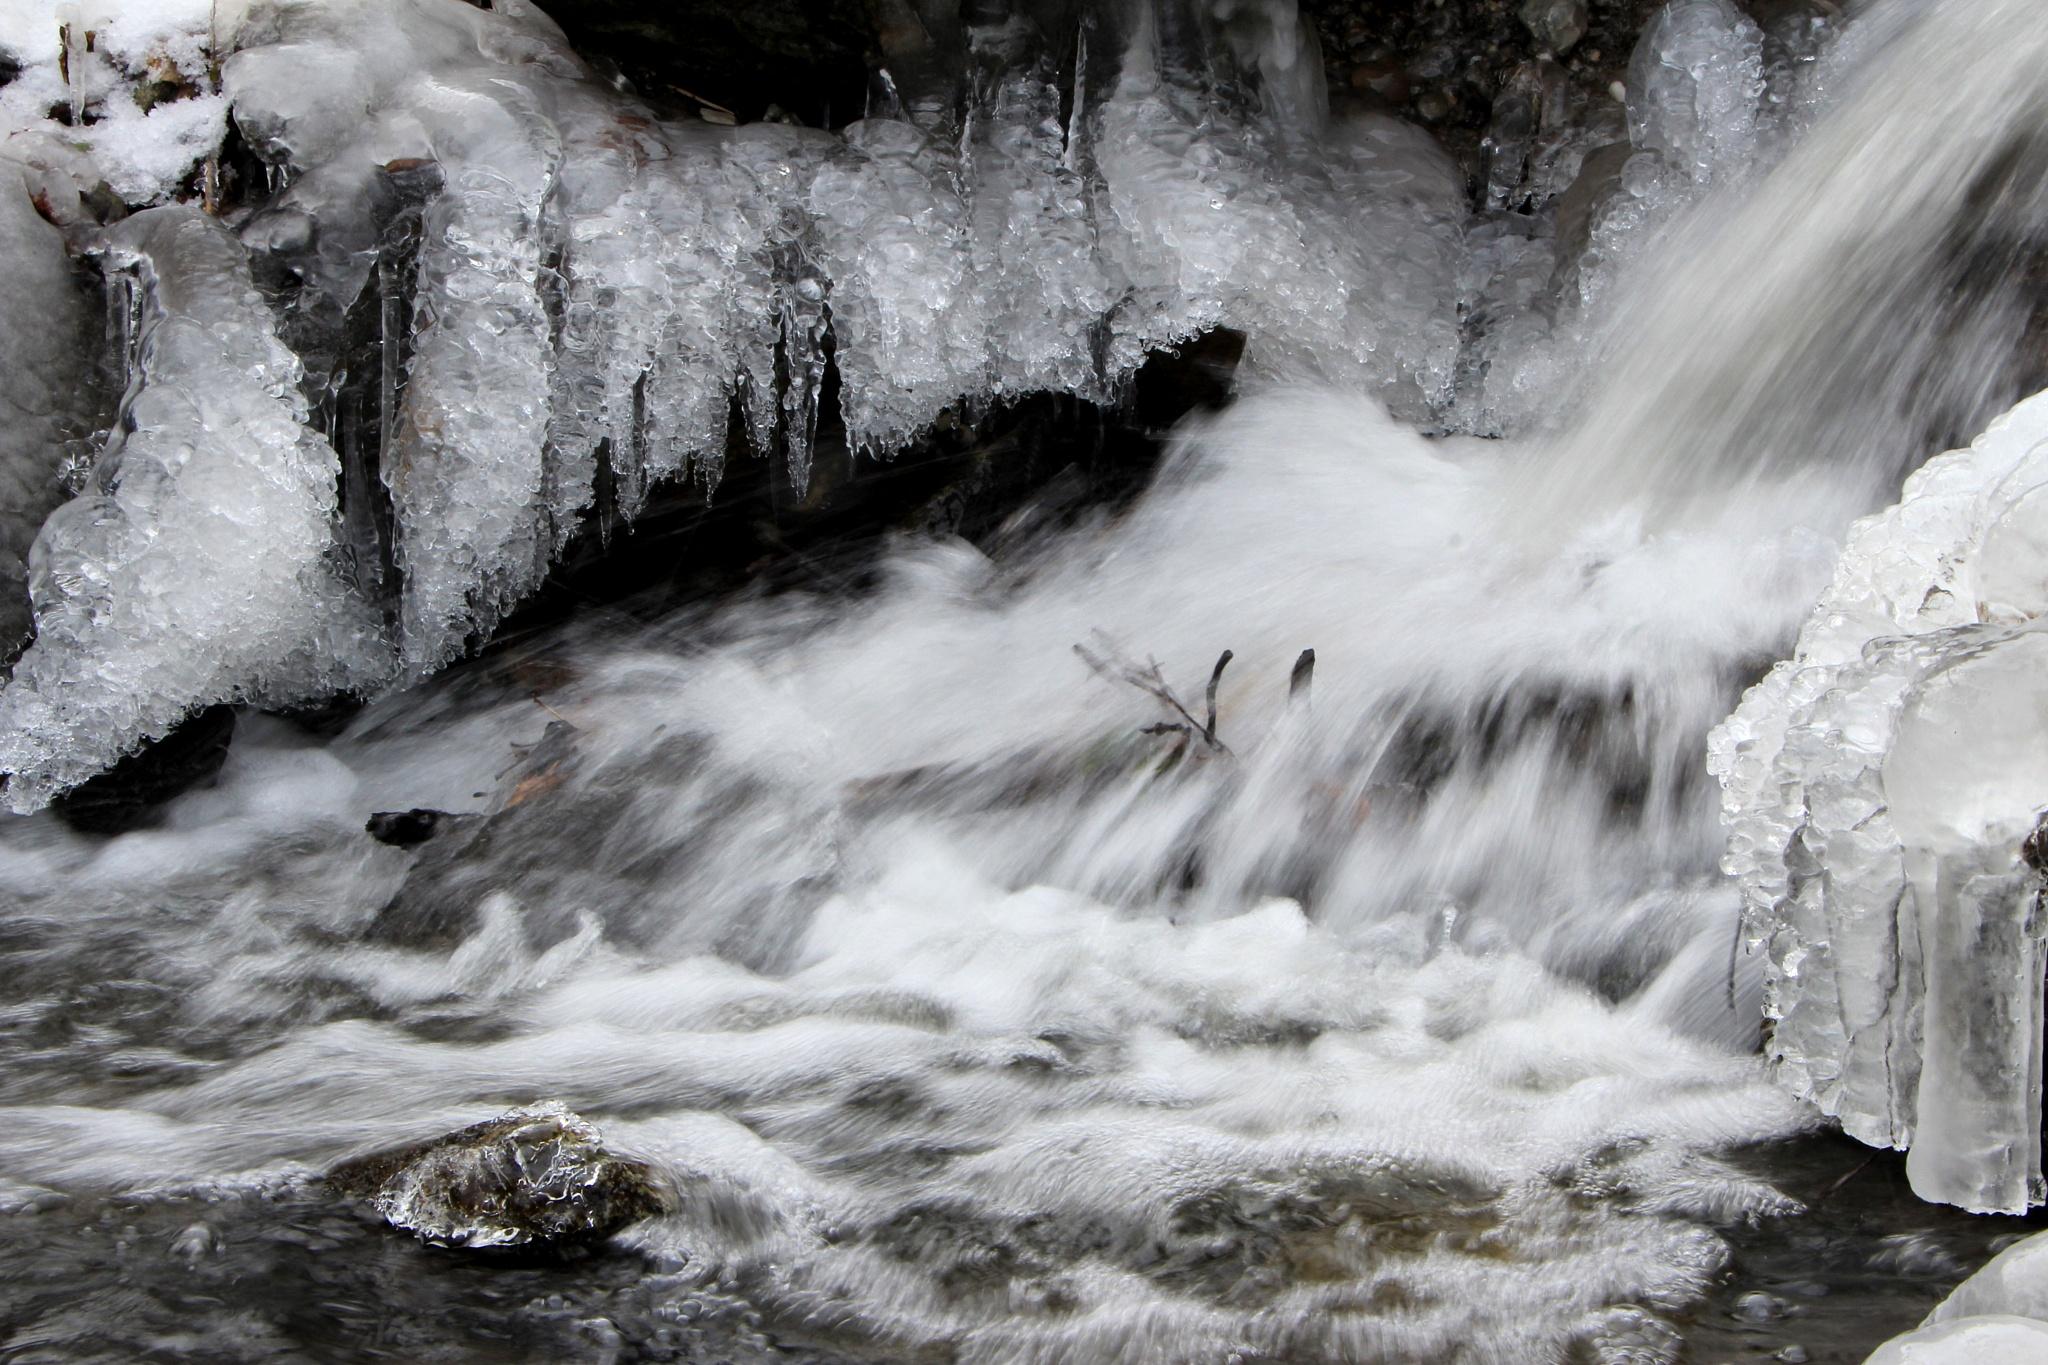 Winter River Flow  by jodelabruere